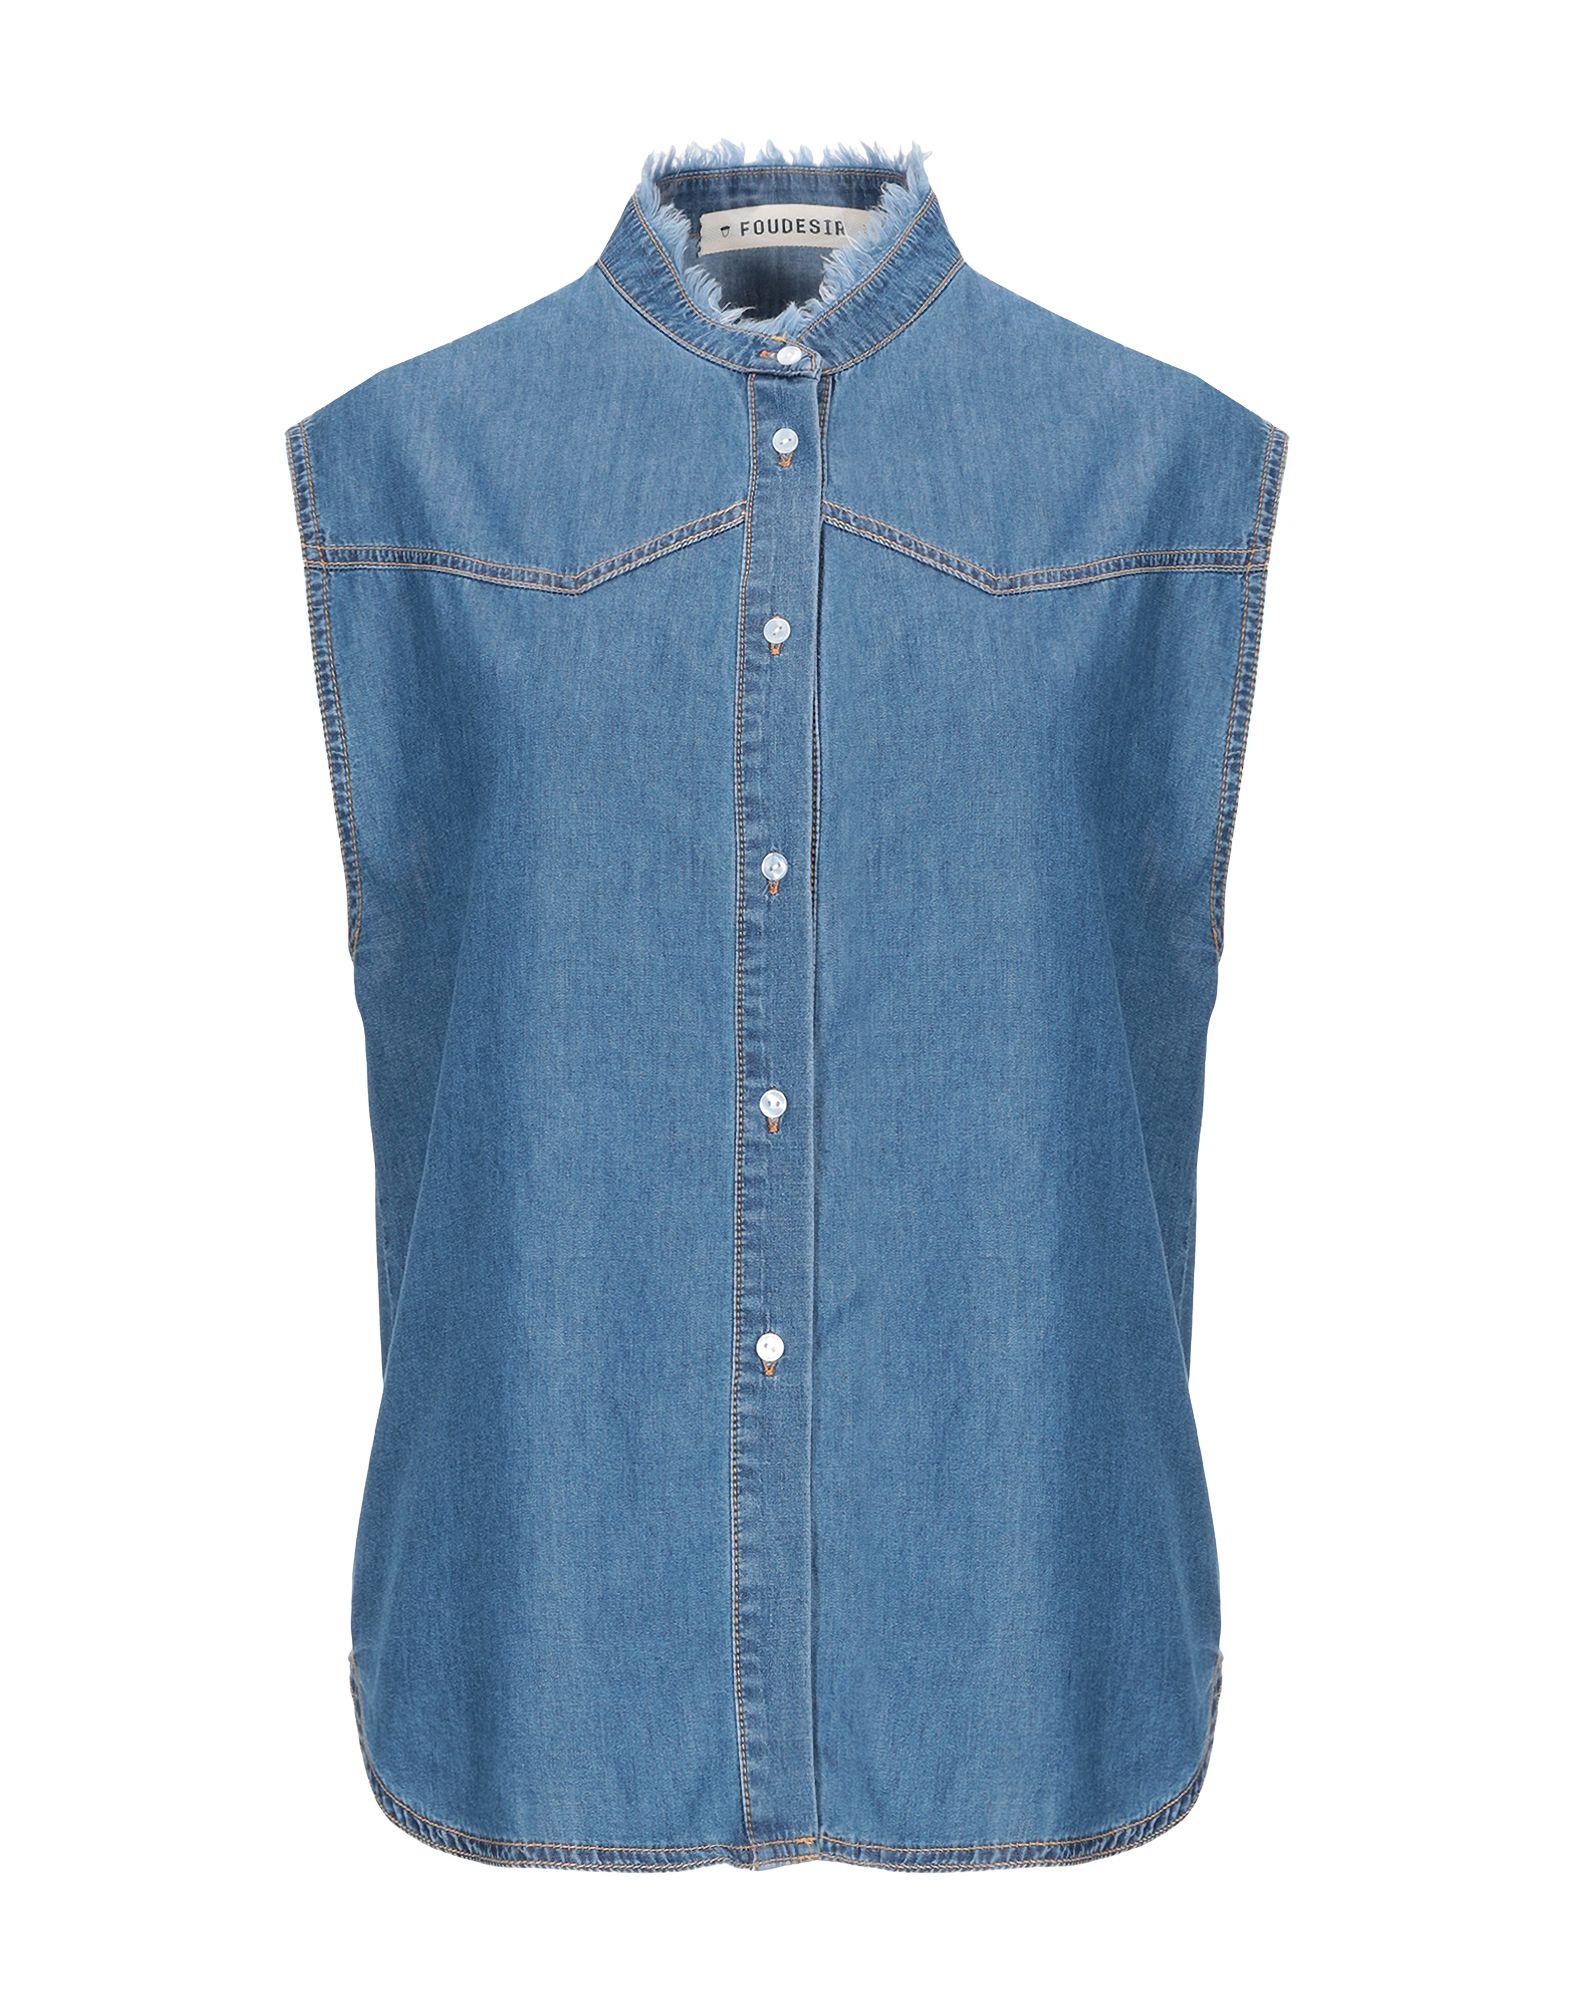 FOUDESIR Джинсовая рубашка джинсовая блузка без рукавов